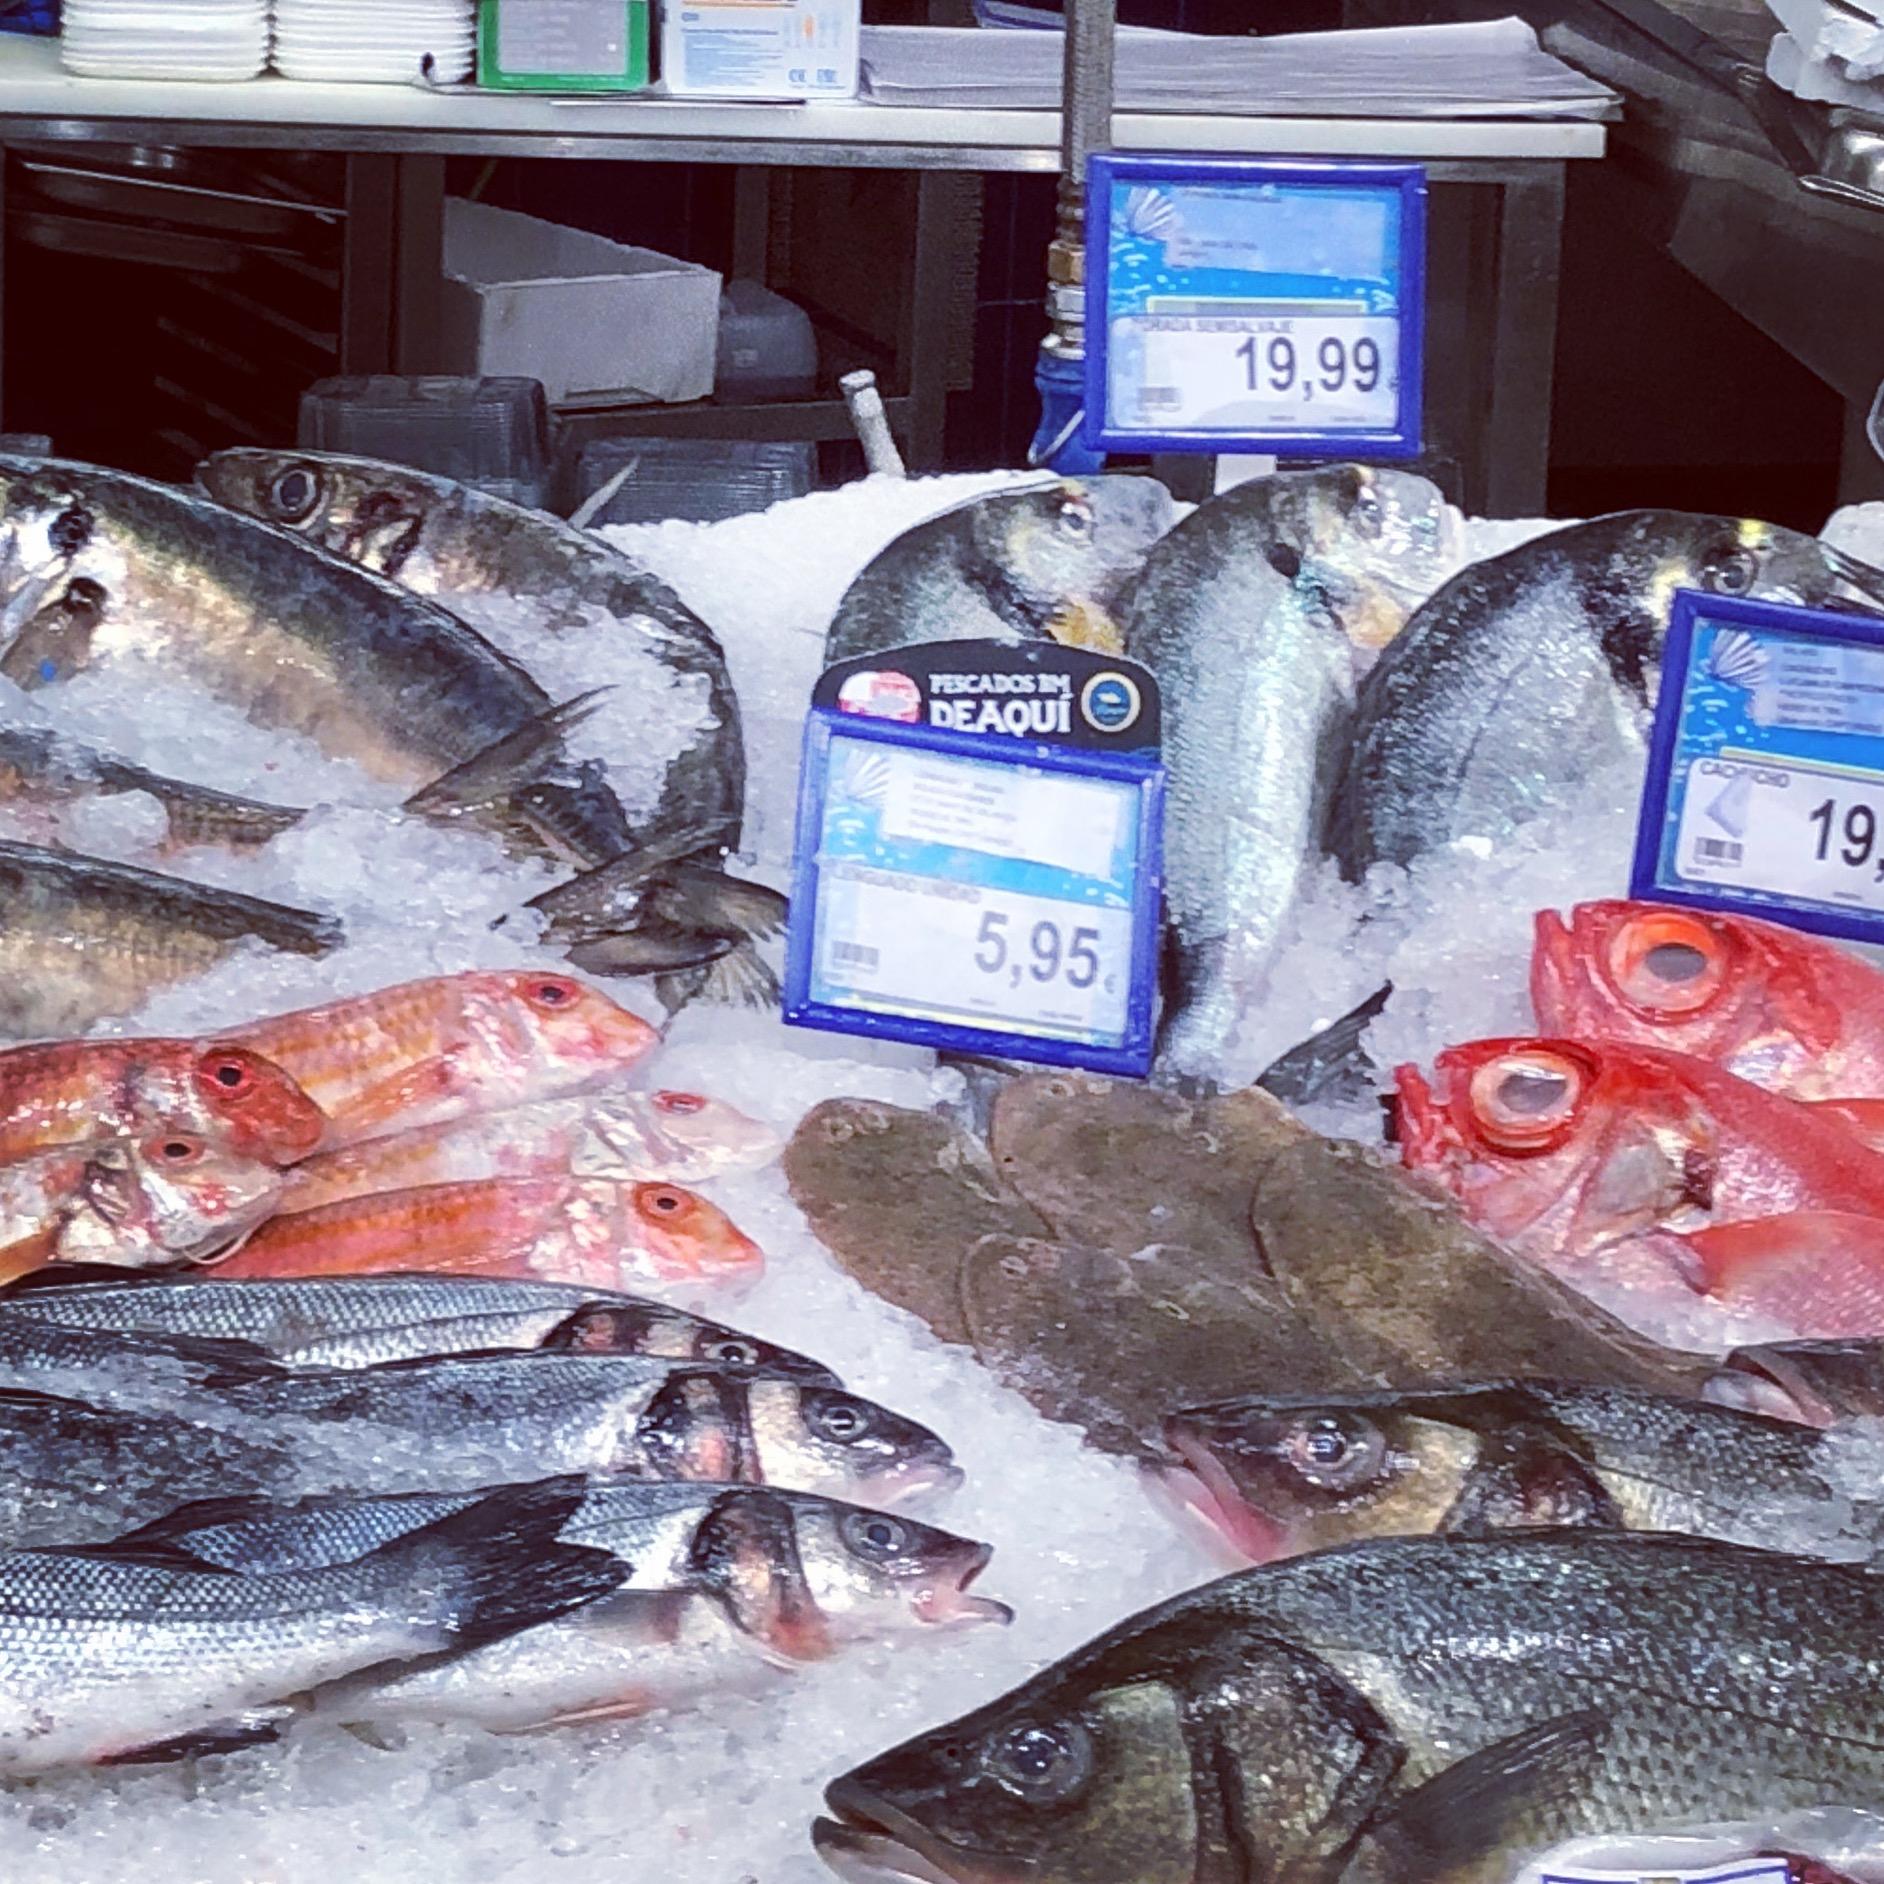 Fresh Fish. - I see you.